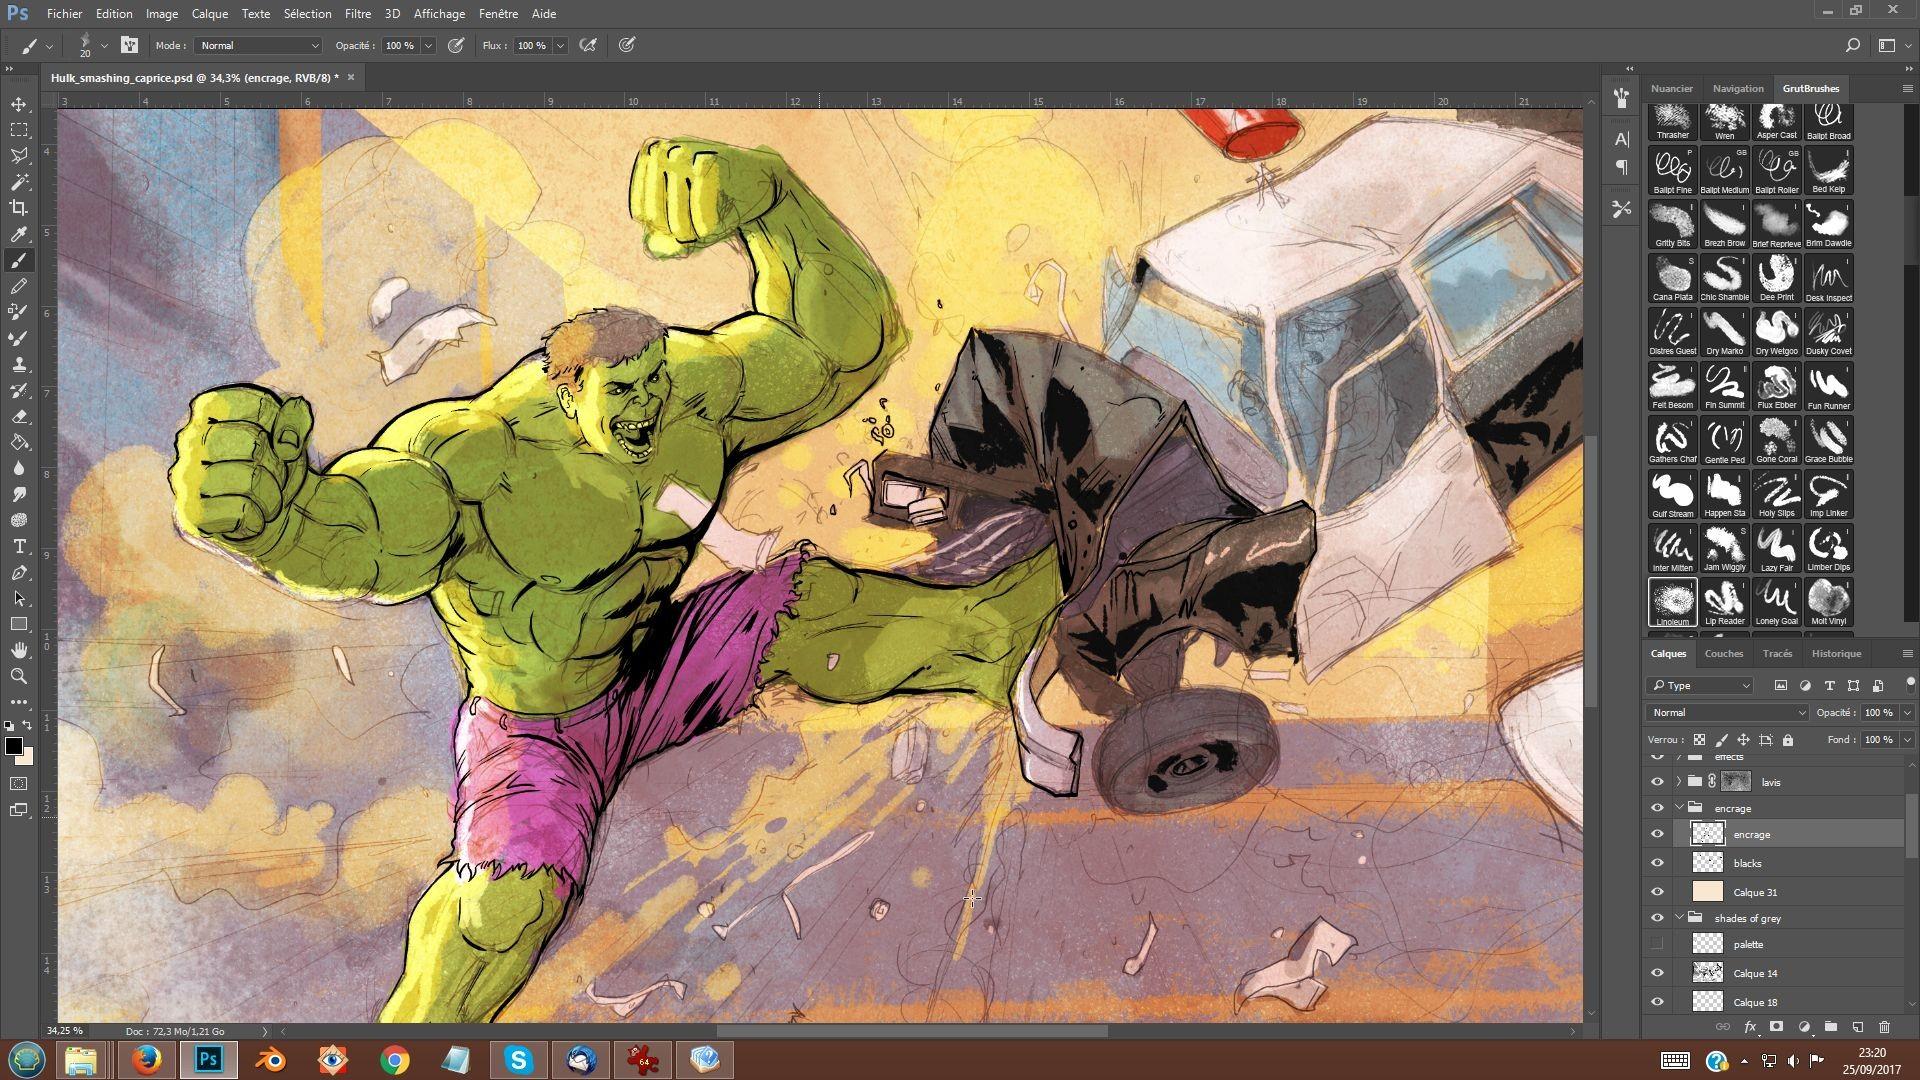 Serge fiedos 07 hulk smashing caprice inking by serge fiedos